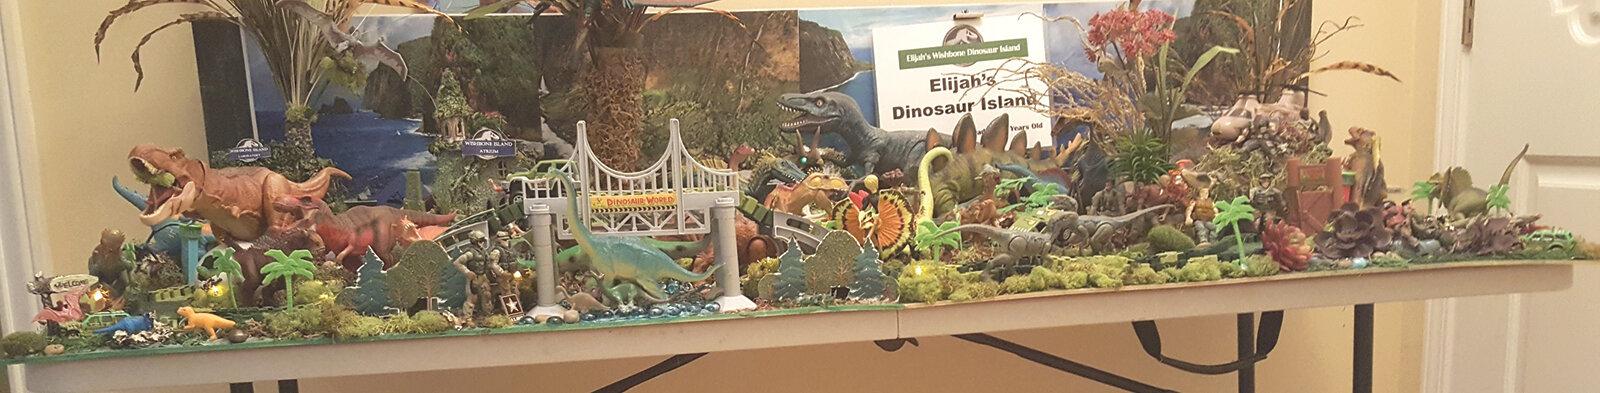 Elijahs Dinosaur Island Exhibit. (Courtesy Photo)